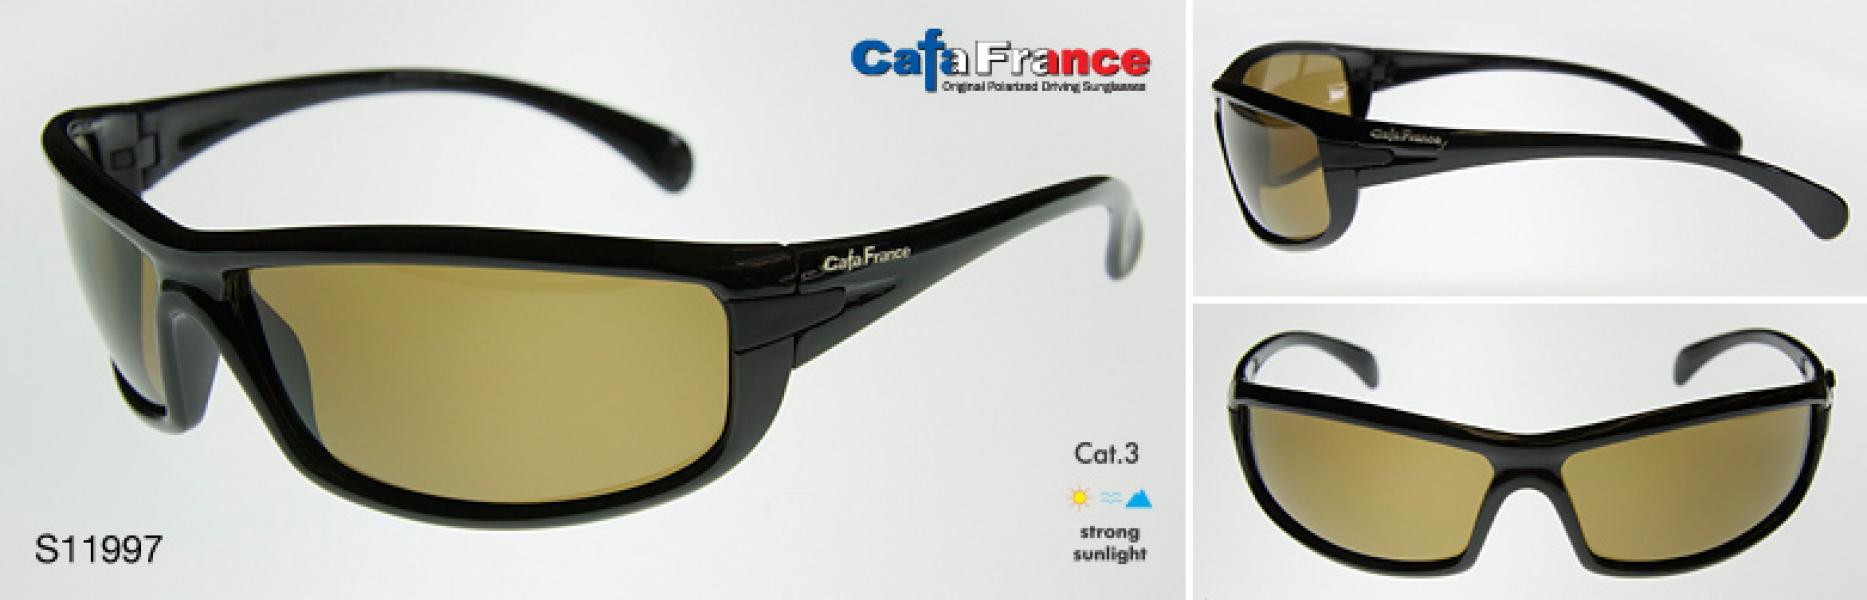 ���� ��������������� ������� Cafa France c11997